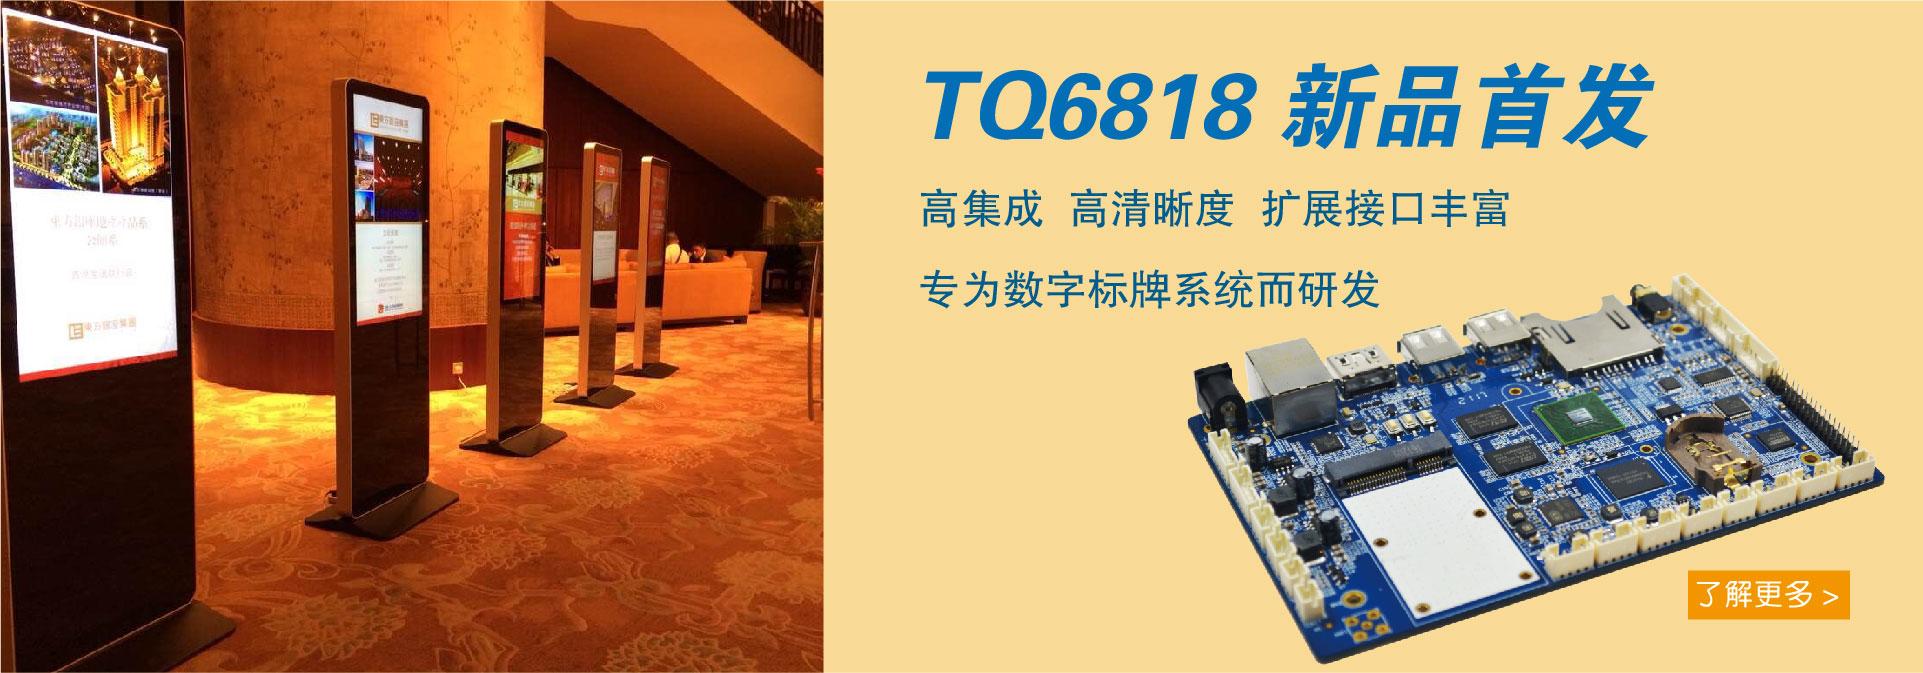 TQ4418/TQ6818专为数字标牌系统研发的开发板平台